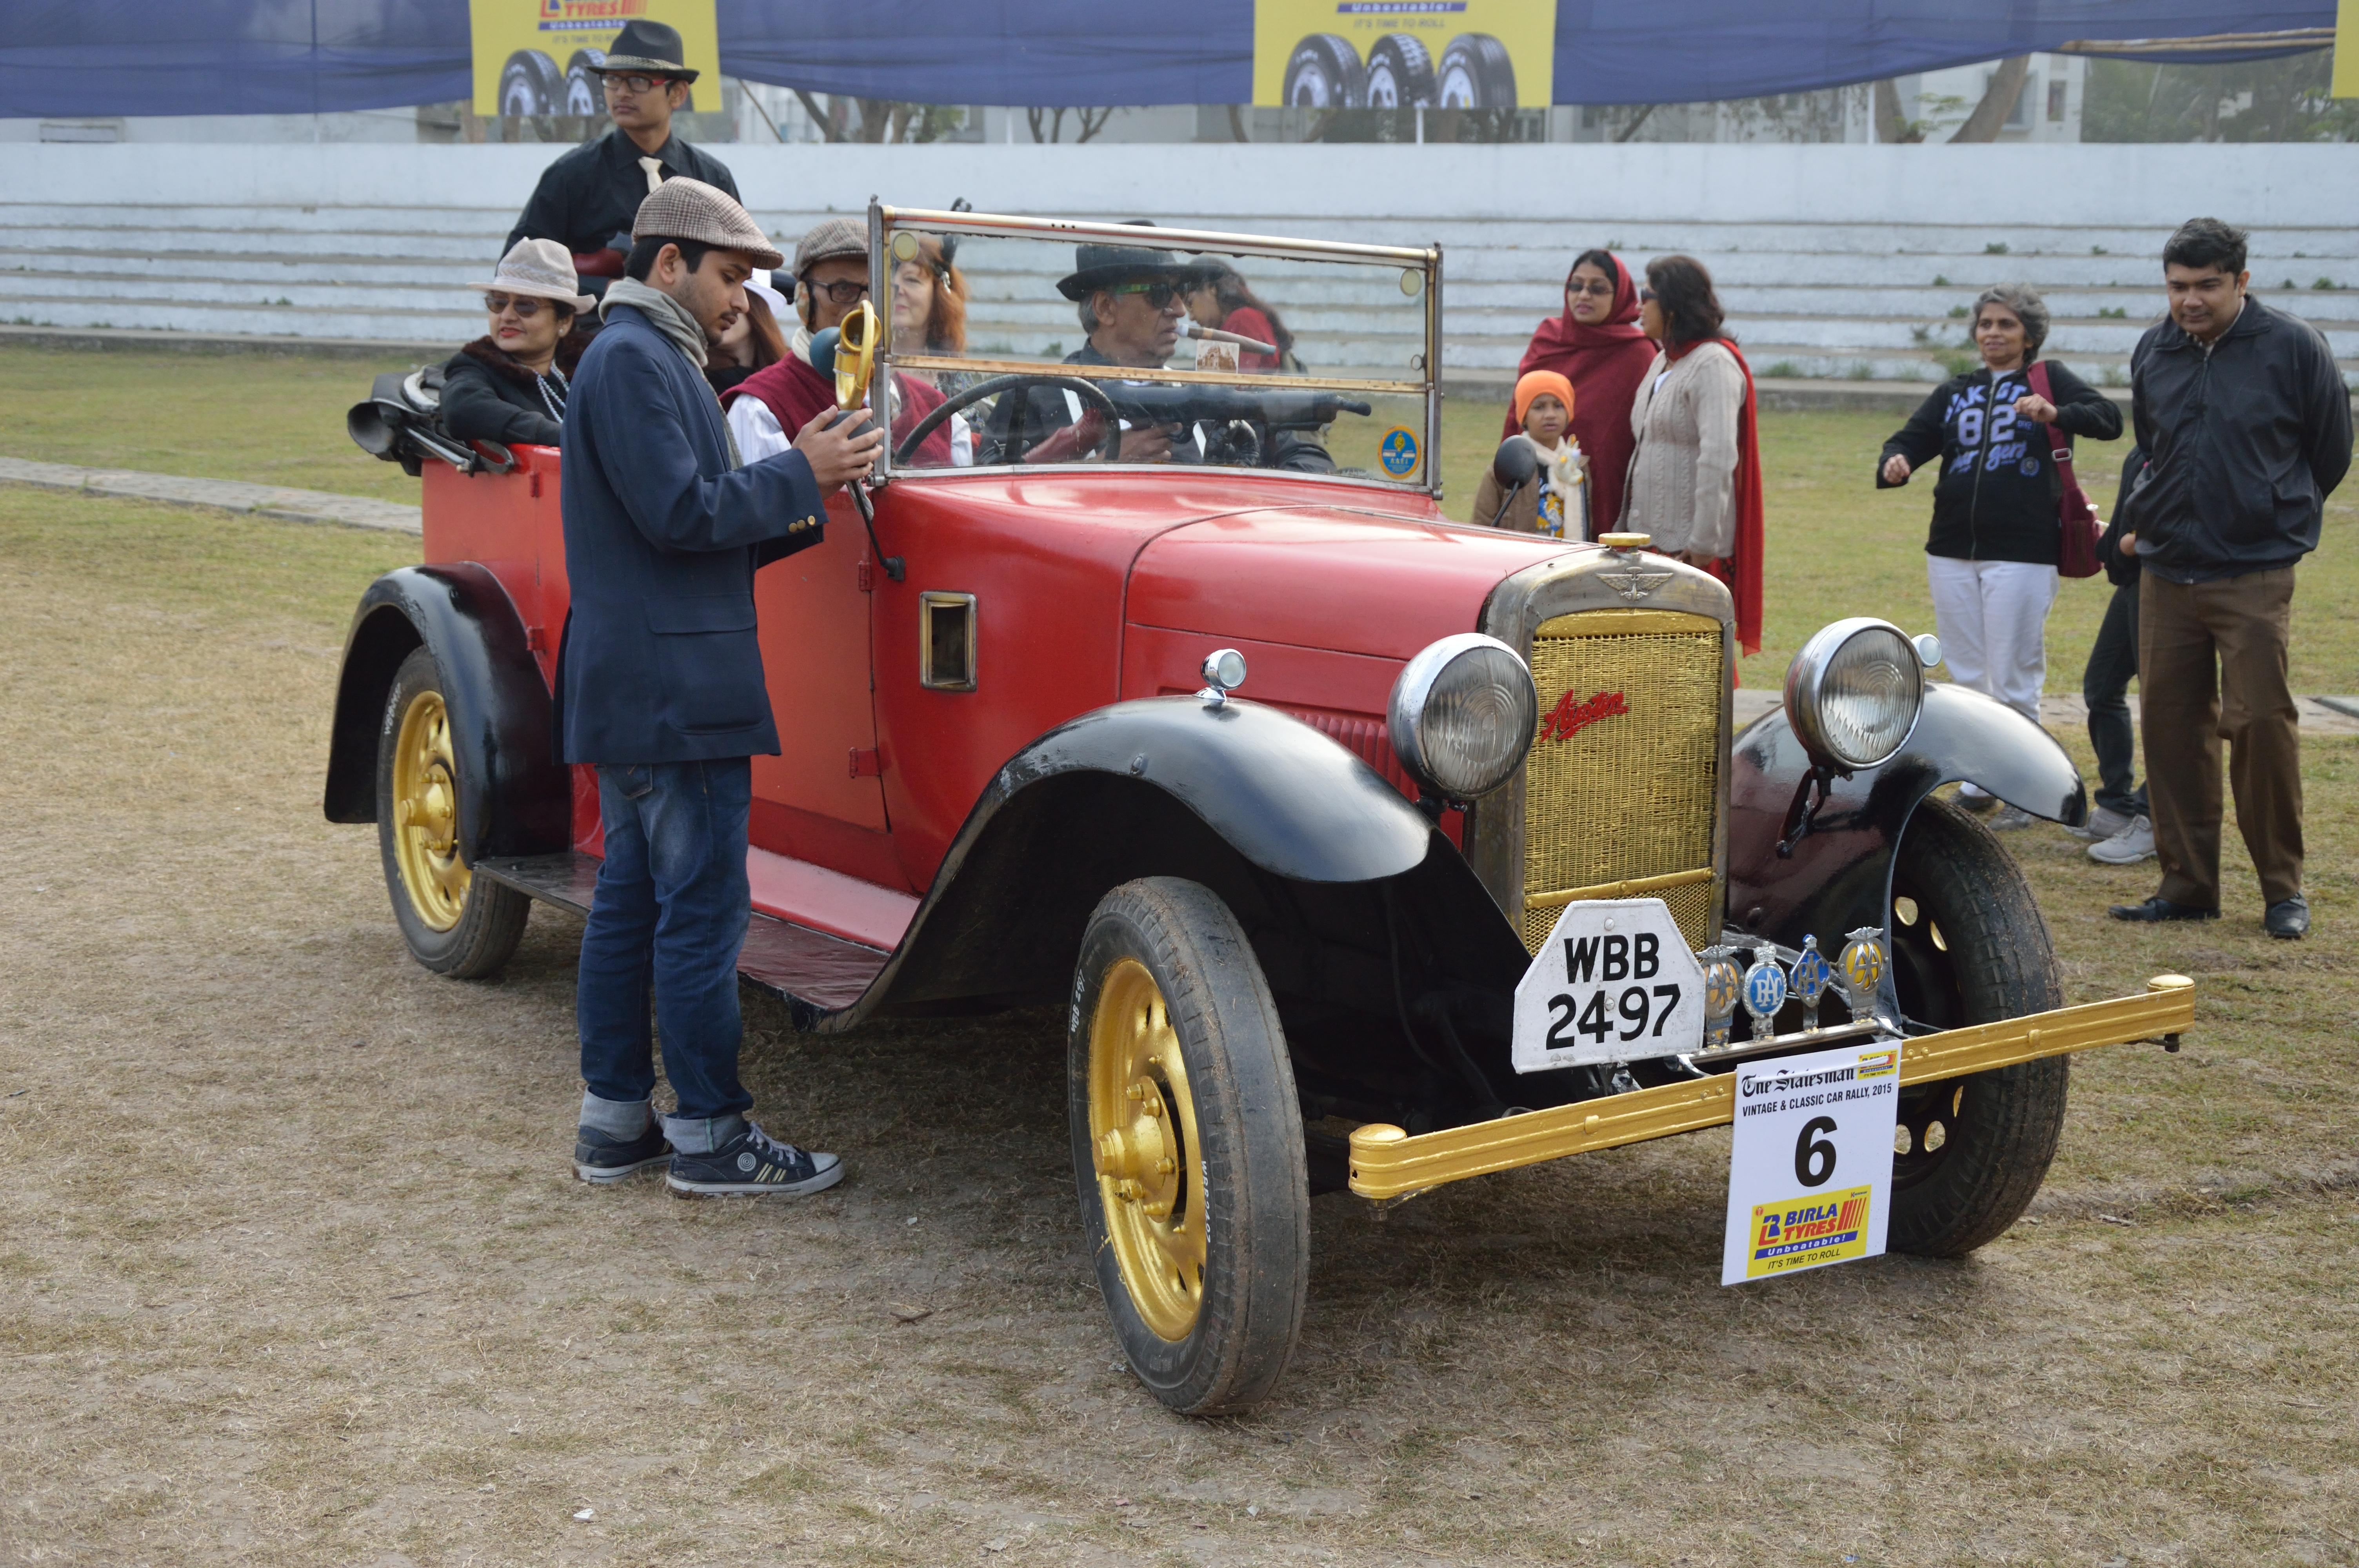 File:Austin - 1922 - 12 hp - 4 cyl - WBB 2497 - Kolkata